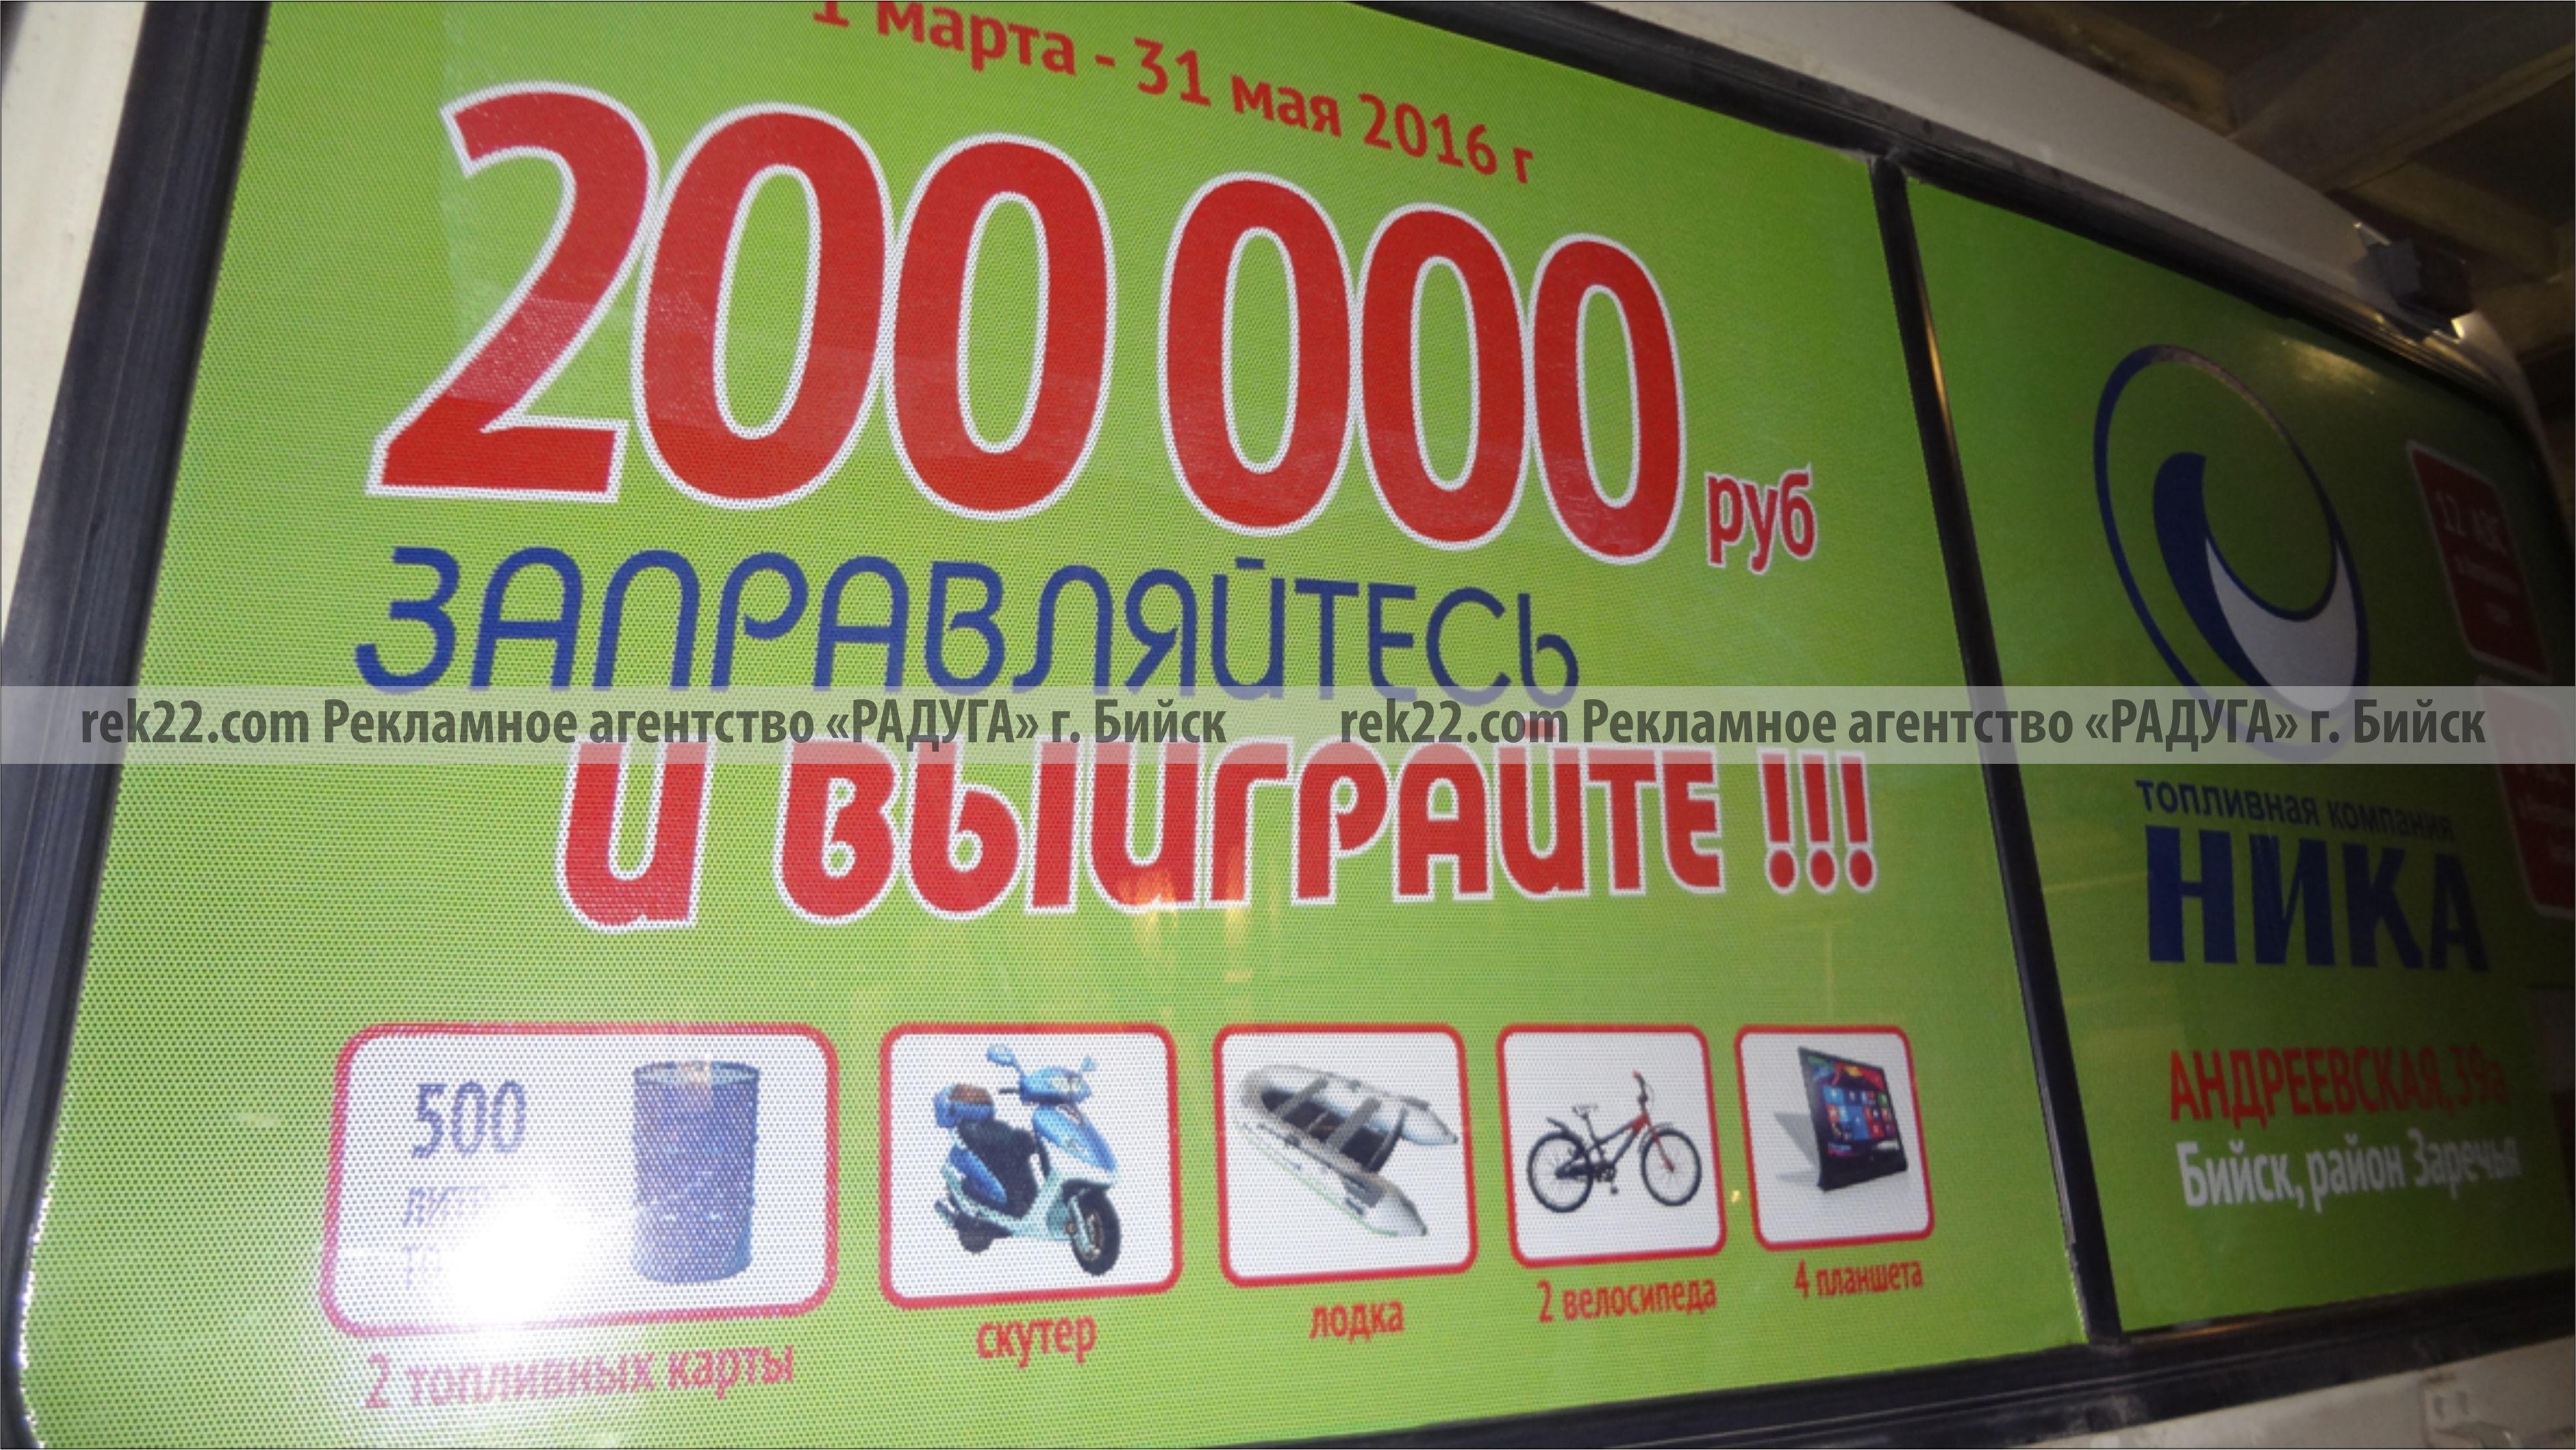 Реклама на транспорте Бийск - бортах, задних стеклах - 3